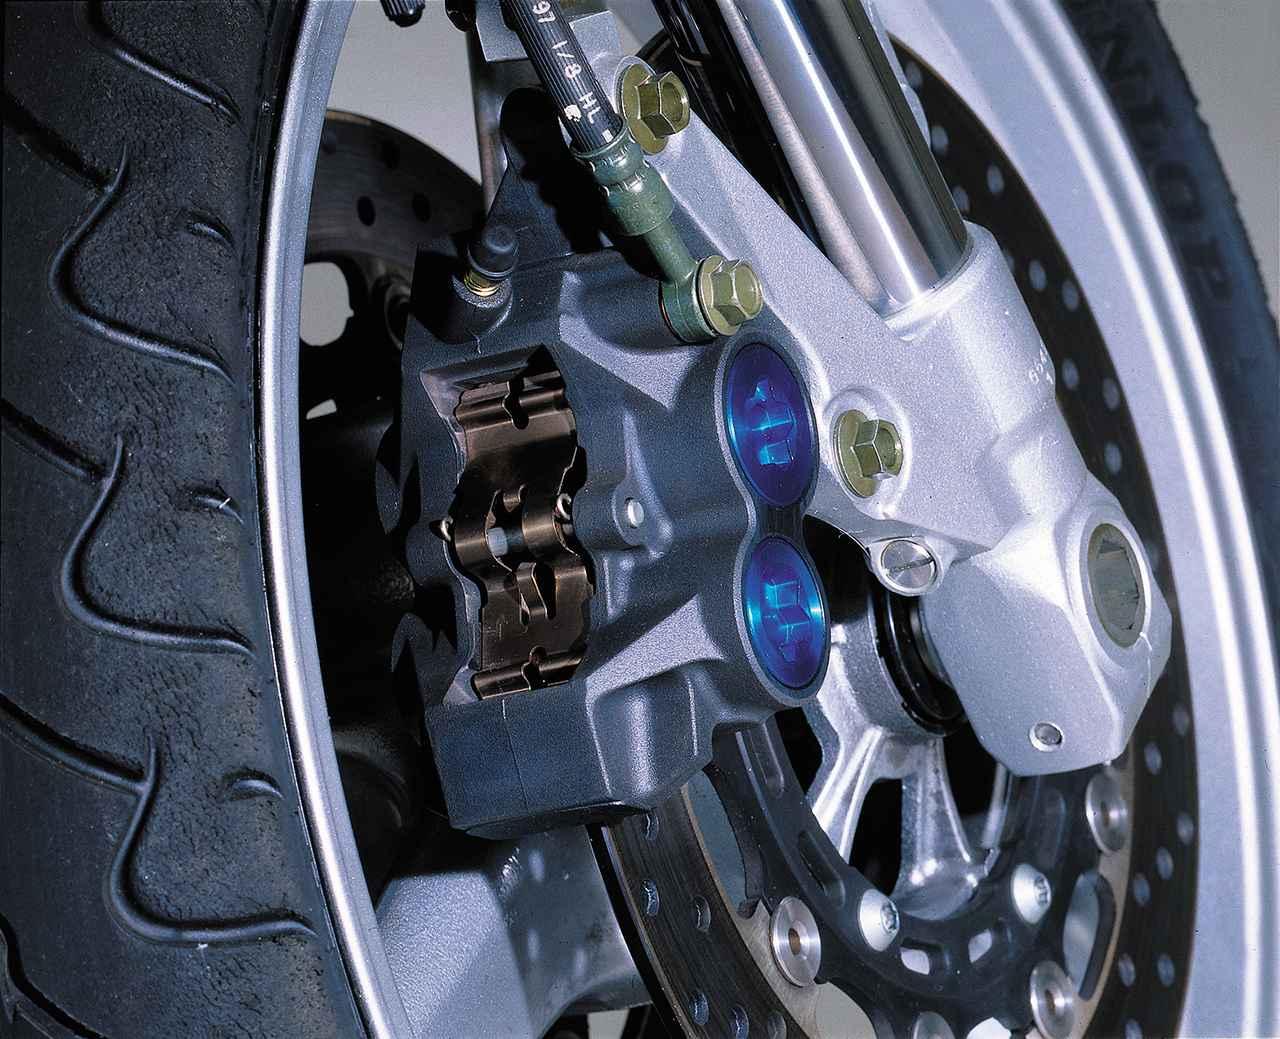 画像: Φ30.2/27.0mmの異径4ピストンの一体鋳造式ブレーキキャリパー。フロントのディスクローター径は298mm。